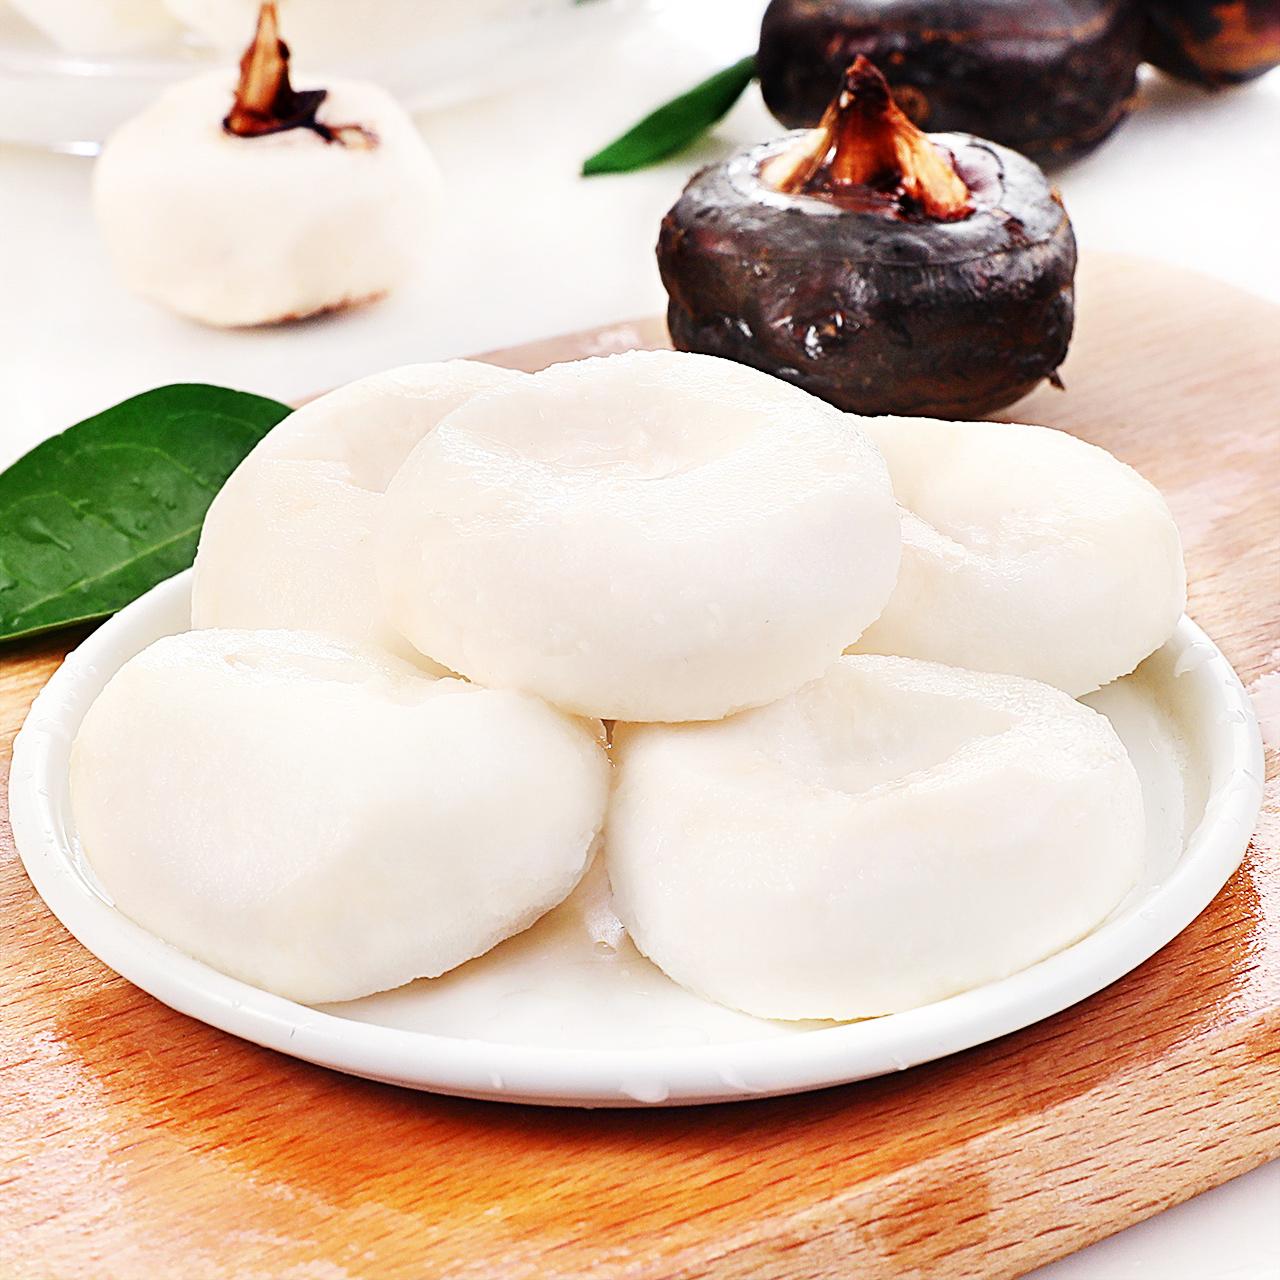 广西新鲜马蹄10斤荸荠大果应季自种地梨饽荠孛荠水果蔬菜批发包邮